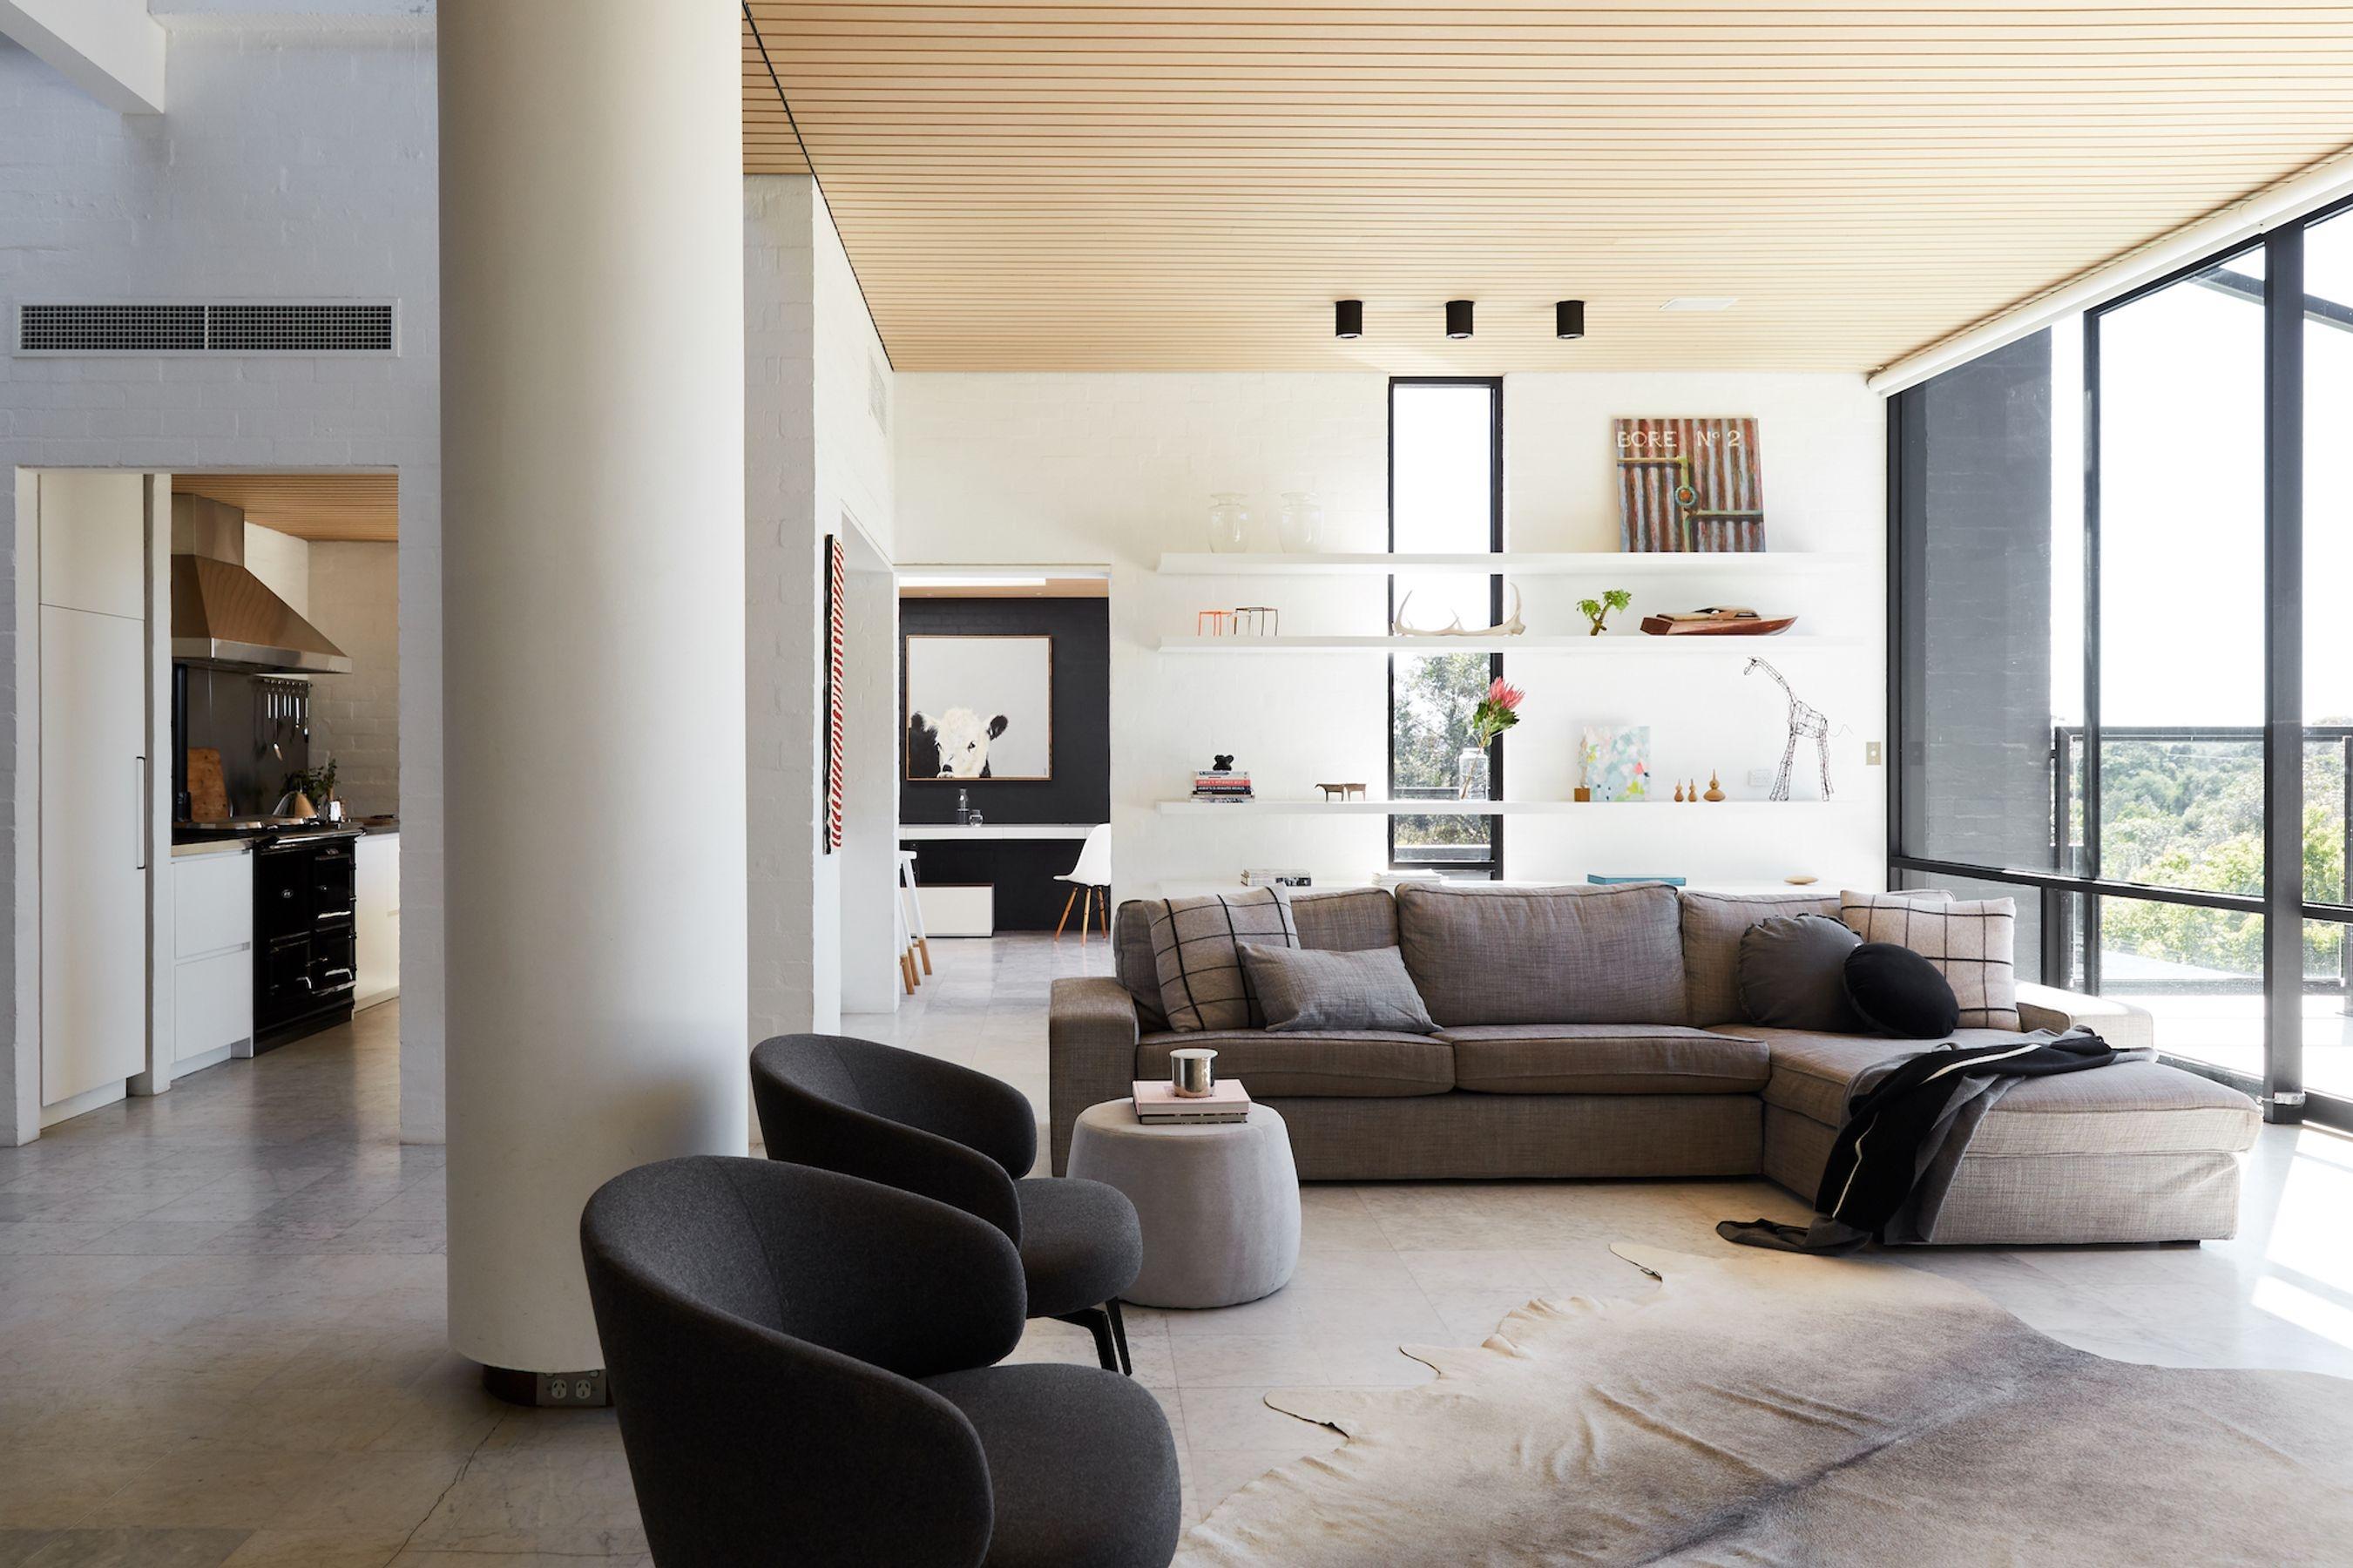 Oceania - Australia - Victoria area - Melbourne area - Como Park House - Image 1/37